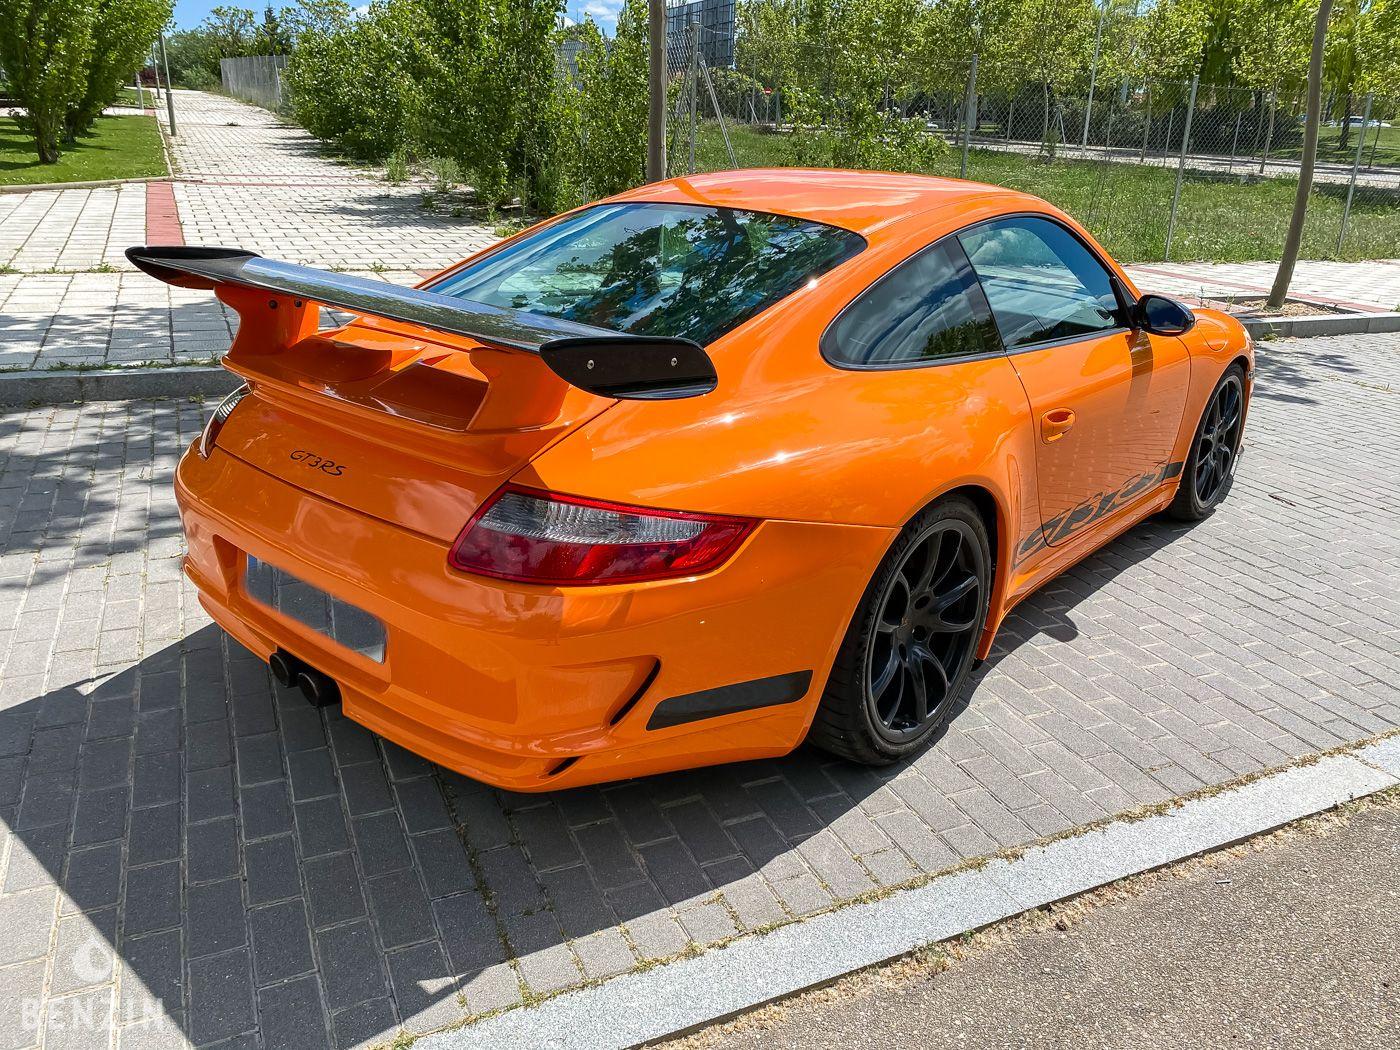 Porsche 911 Type 997 GT3 RS a vendre/ Porsche 911 Type 997 GT3 RS to sell/ Porsche 911 Type 997 GT3 RS verkaufen/ Porsche 911 Type 997 GT3 RS en venta